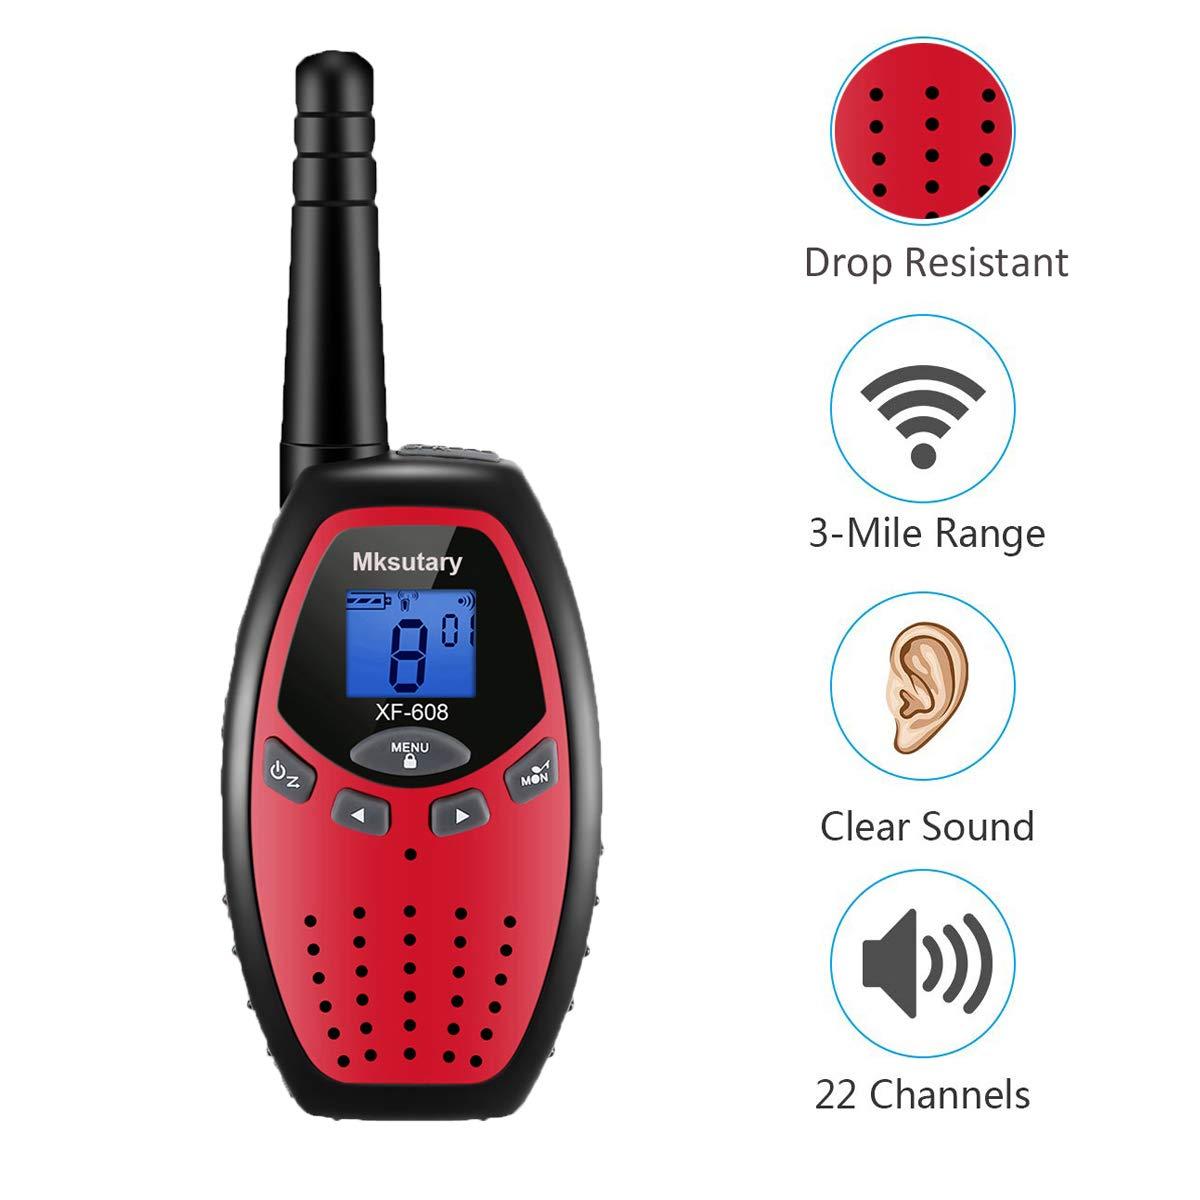 Walkie Talkies 22 Channel Two Way Radios Handheld 2 Pack Long Range Walkie Talkies for Kids Adult Boys Walkie Talky Outdoor Adventures Camping by Mksutary (Image #3)